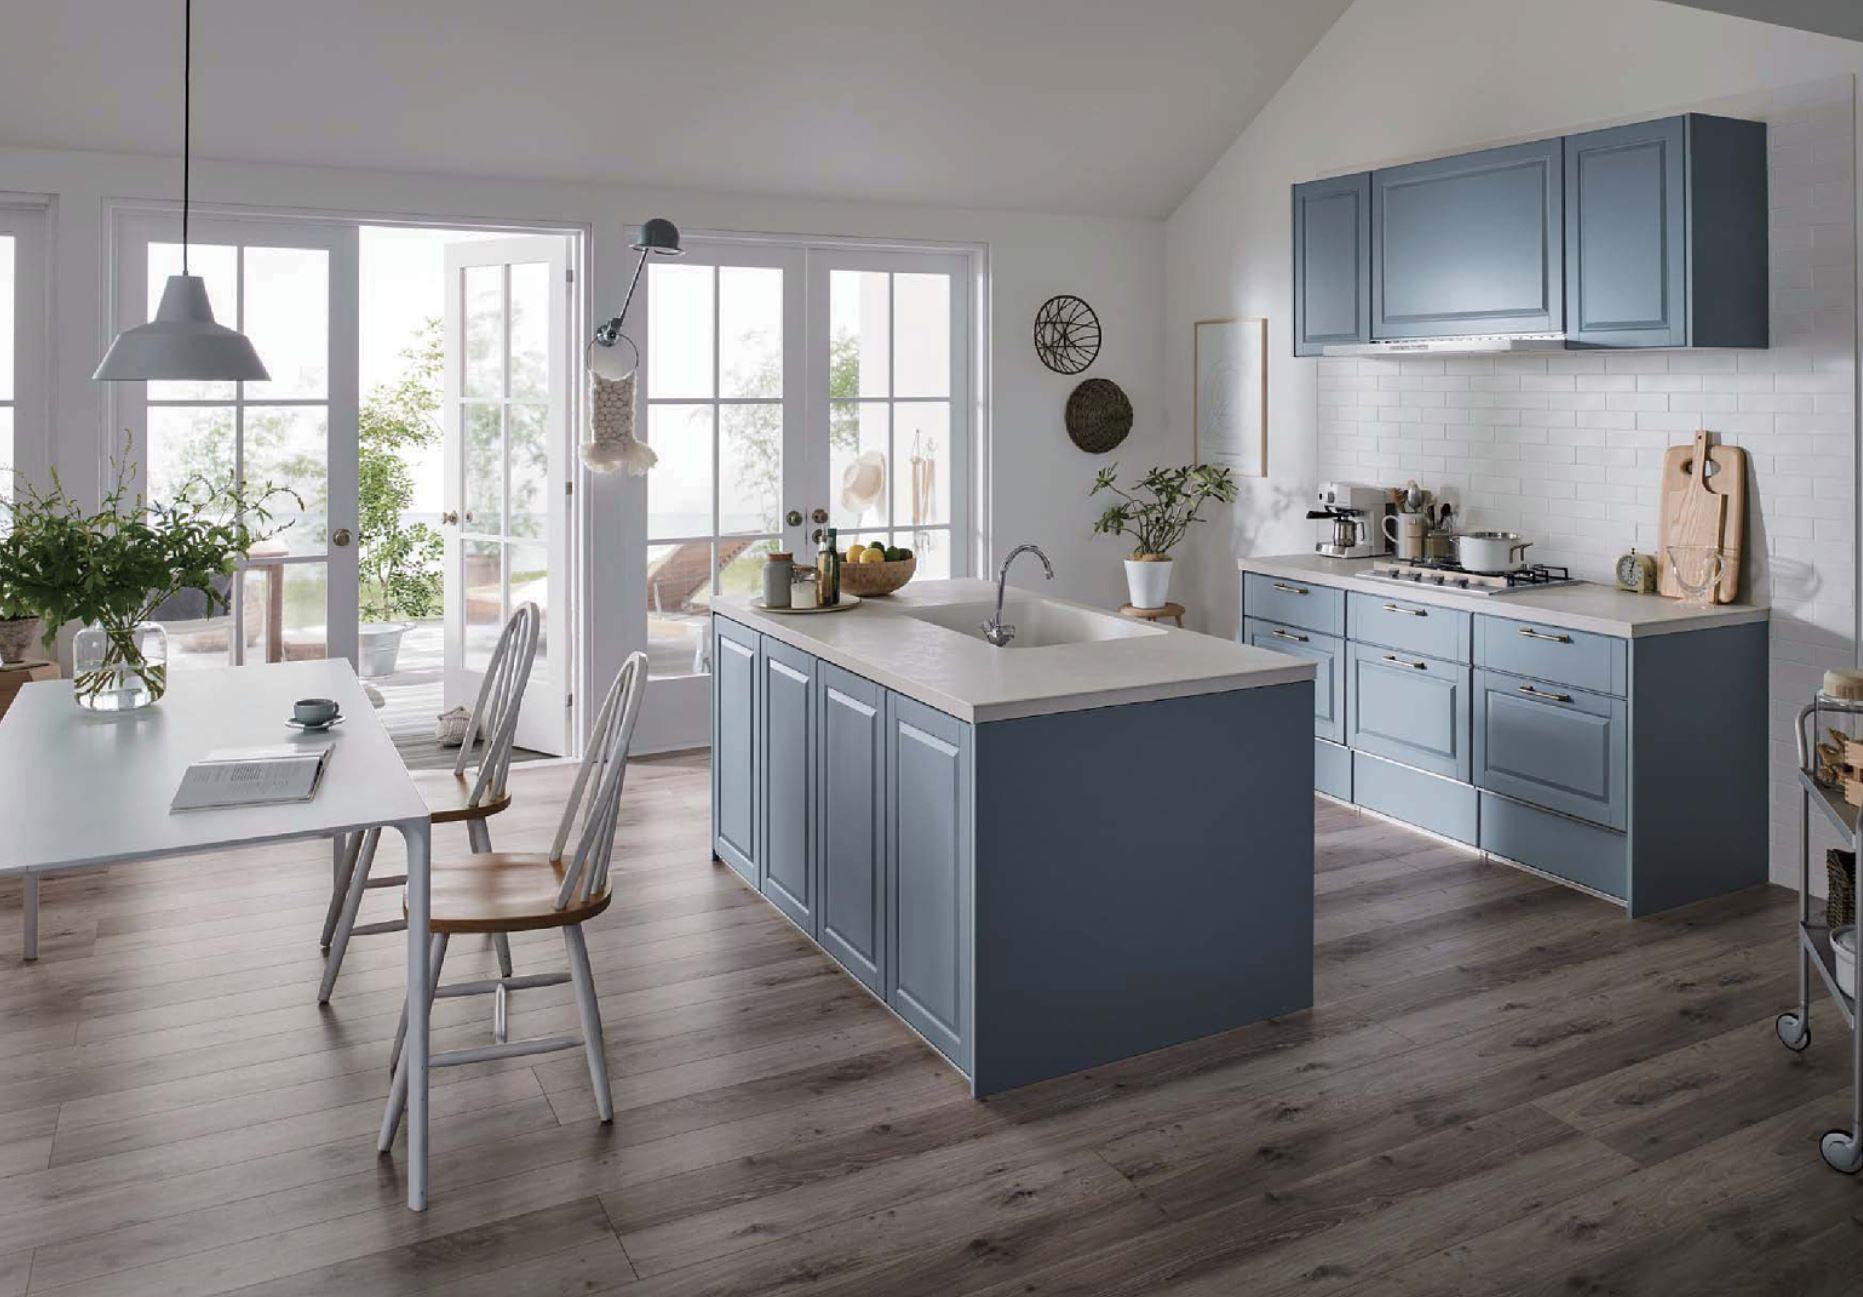 II型キッチン(デュエ)の例(出典:LIXIL)